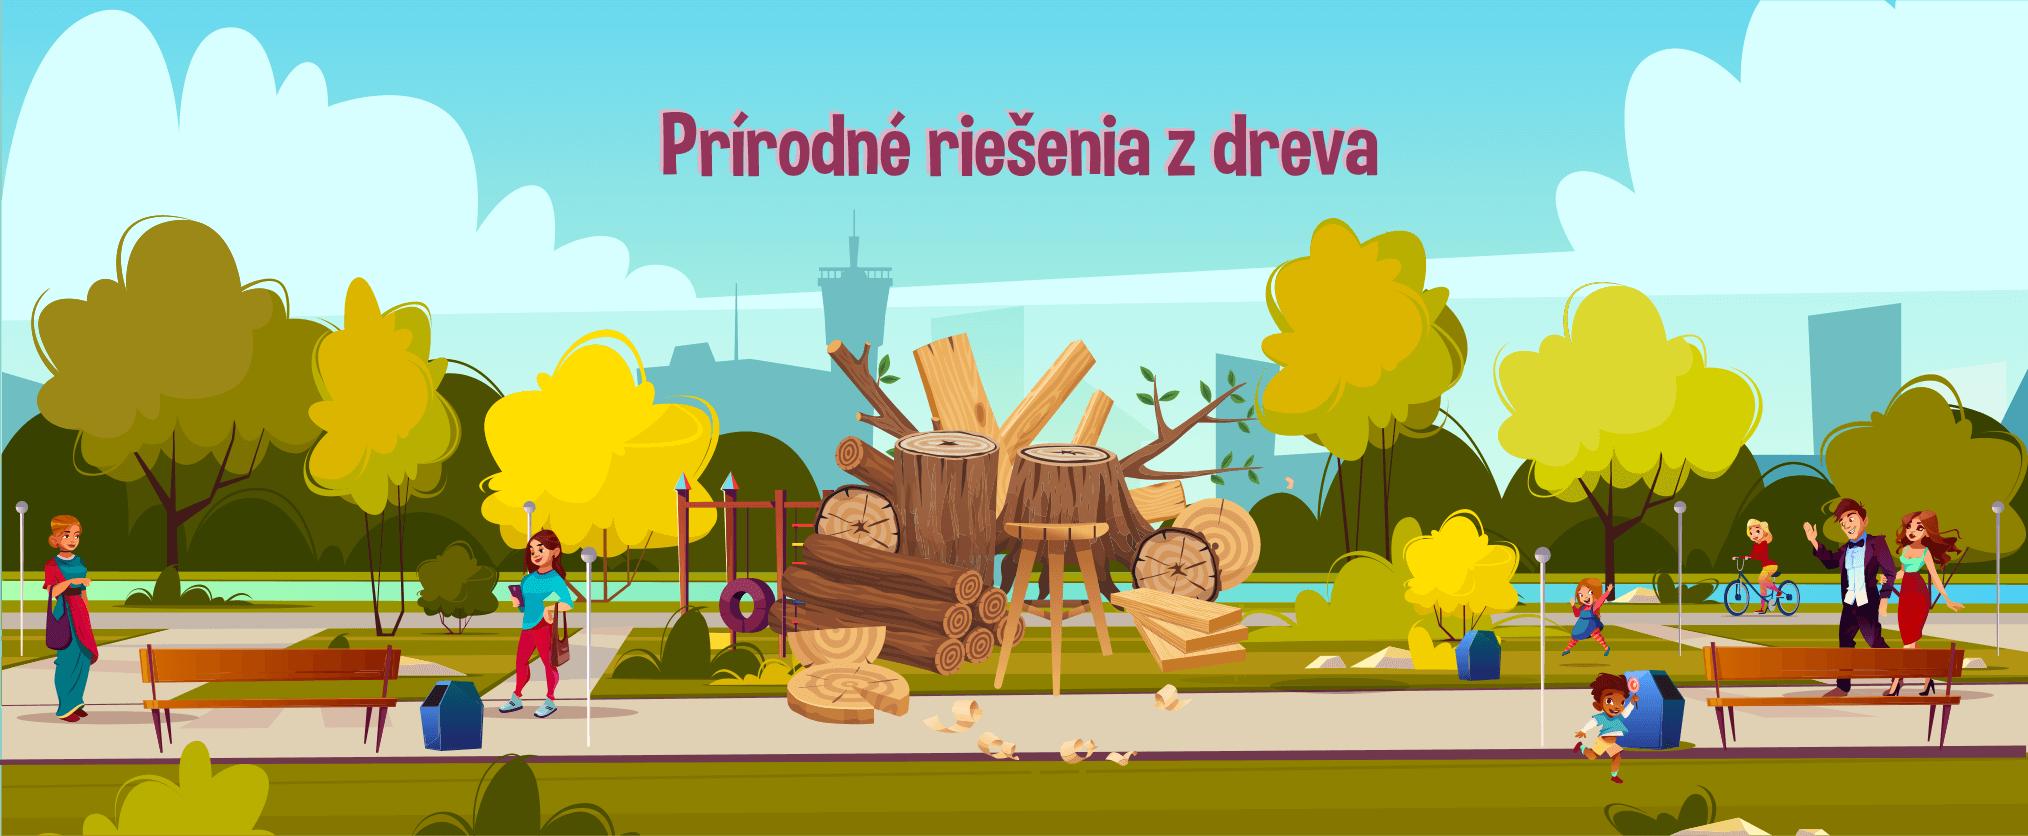 Prírodné riešenia z dreva